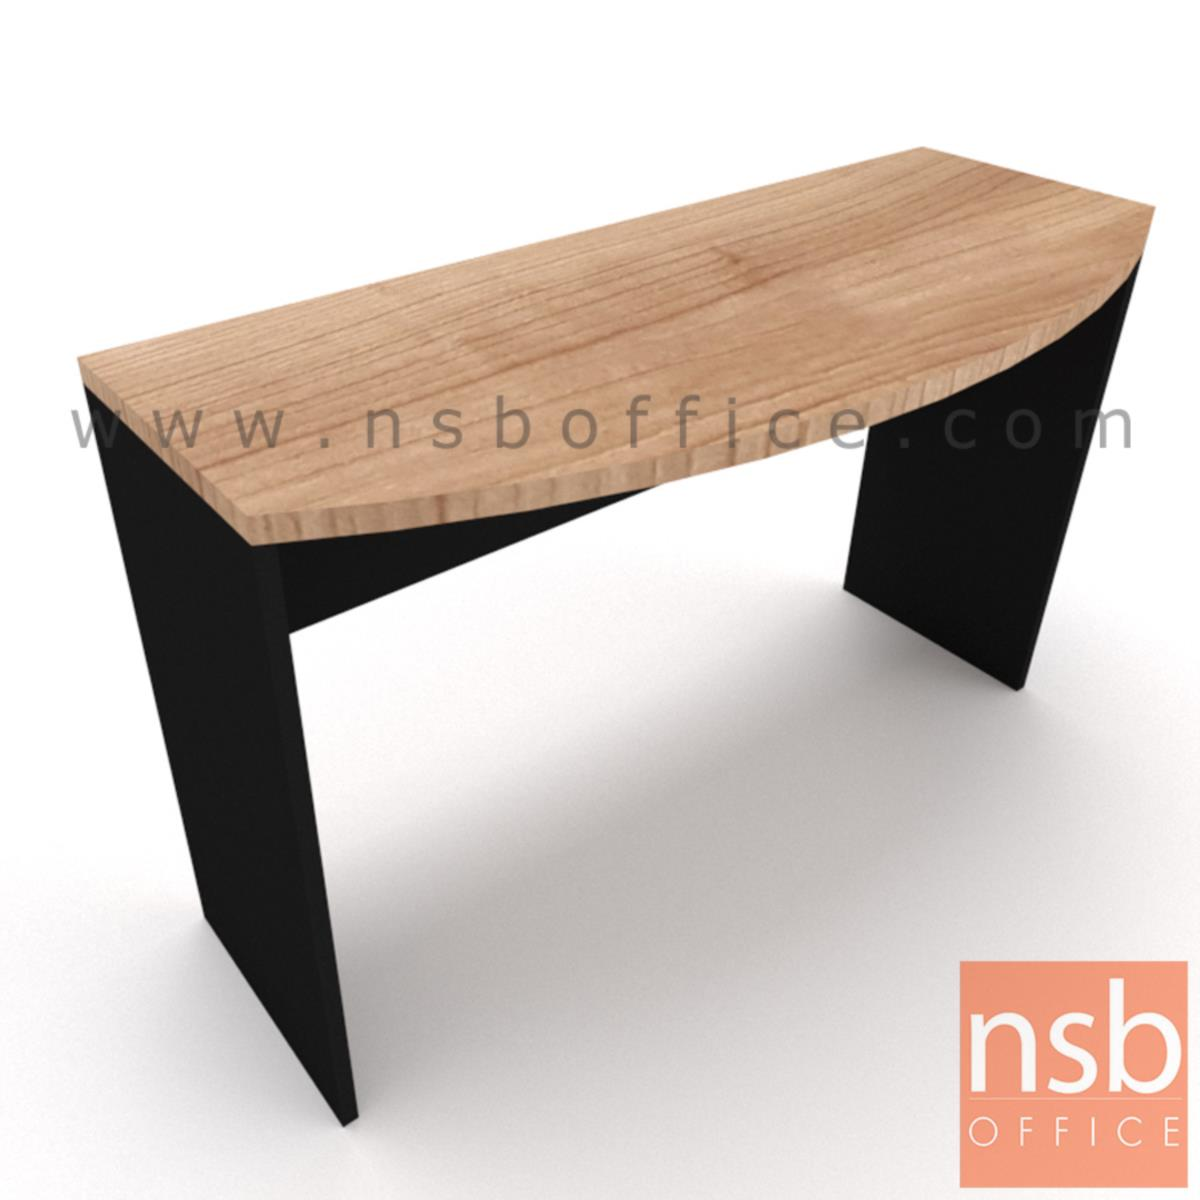 โต๊ะเข้ามุมทรงหัวเหลี่ยมโค้ง  ขนาด 120W ,150W cm. เมลามีน